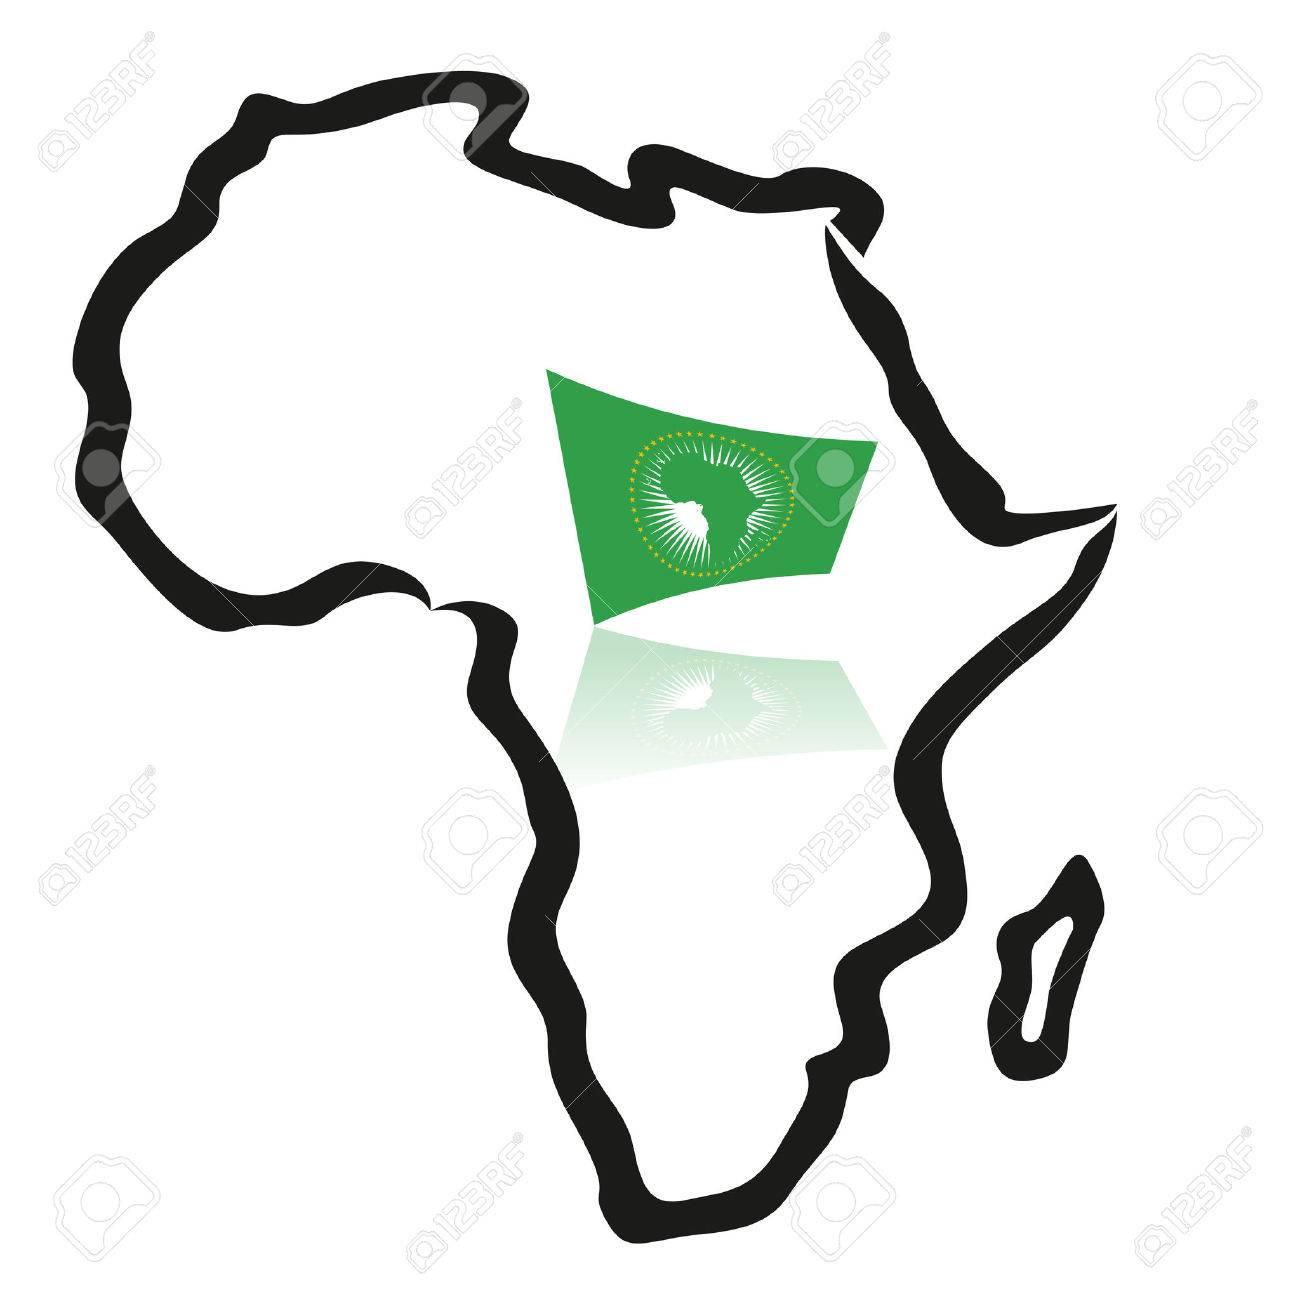 Carte Union Africaine.Carte De L Afrique Presente Avec Le Drapeau De L Union Africaine